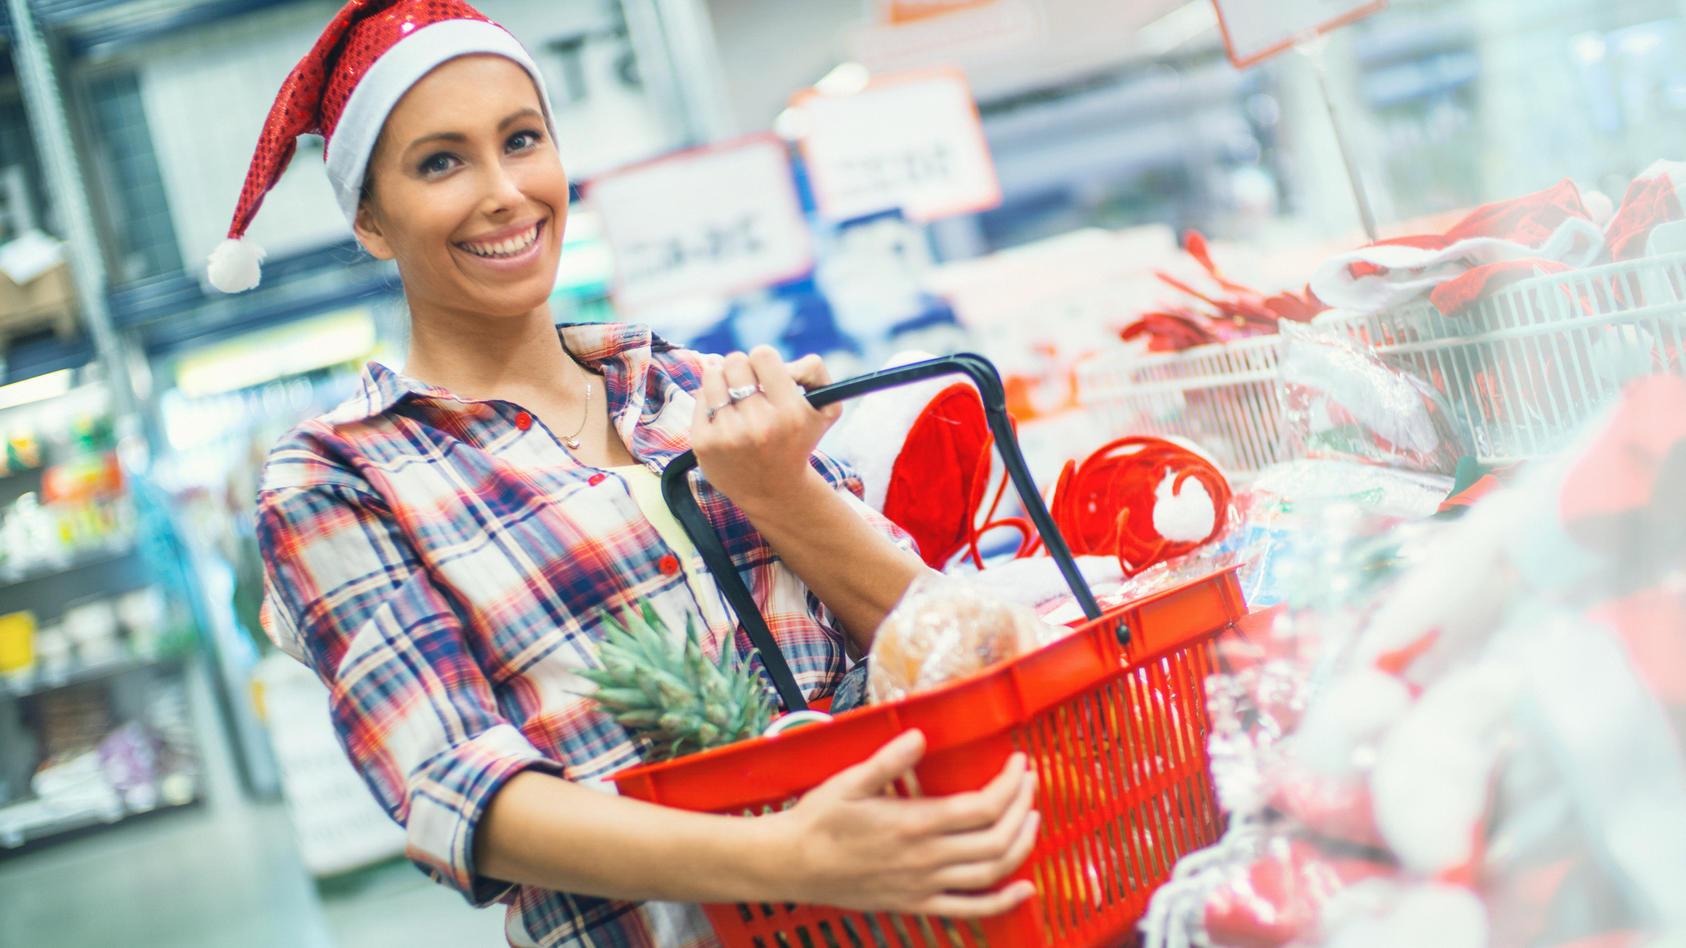 Dieses Jahr ist das Shoppen an Heiligabend wieder einfacher als letztes Jahr.